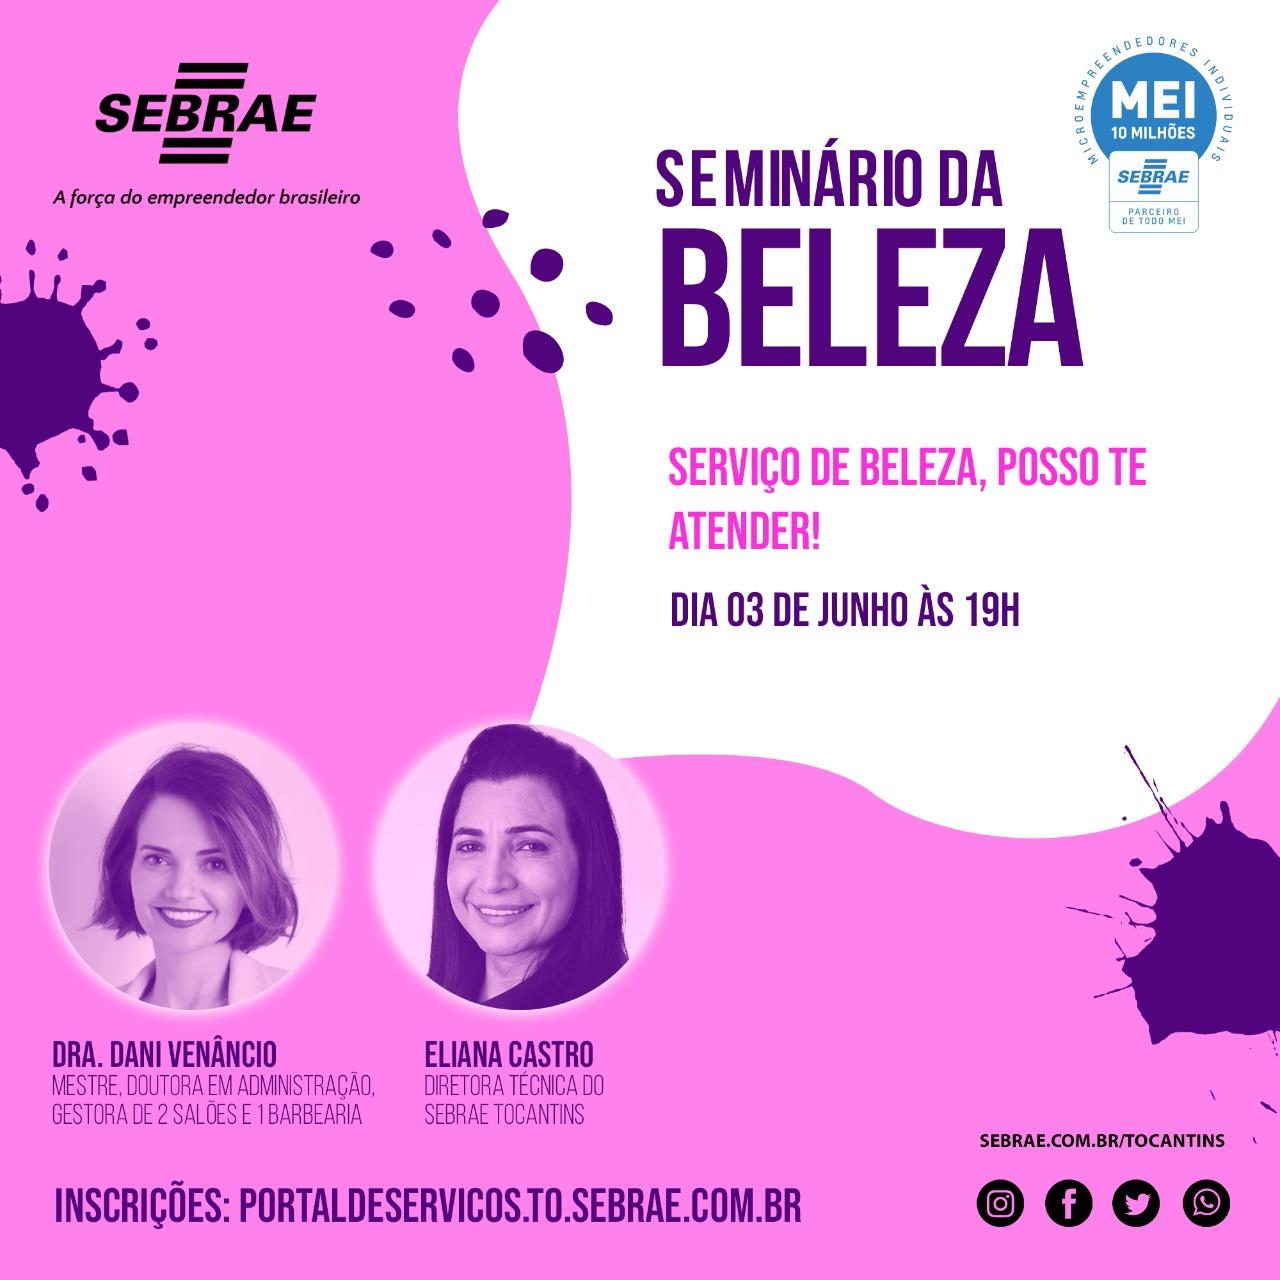 Seminário digital para negócios da beleza com Dani Venâncio acontece hoje